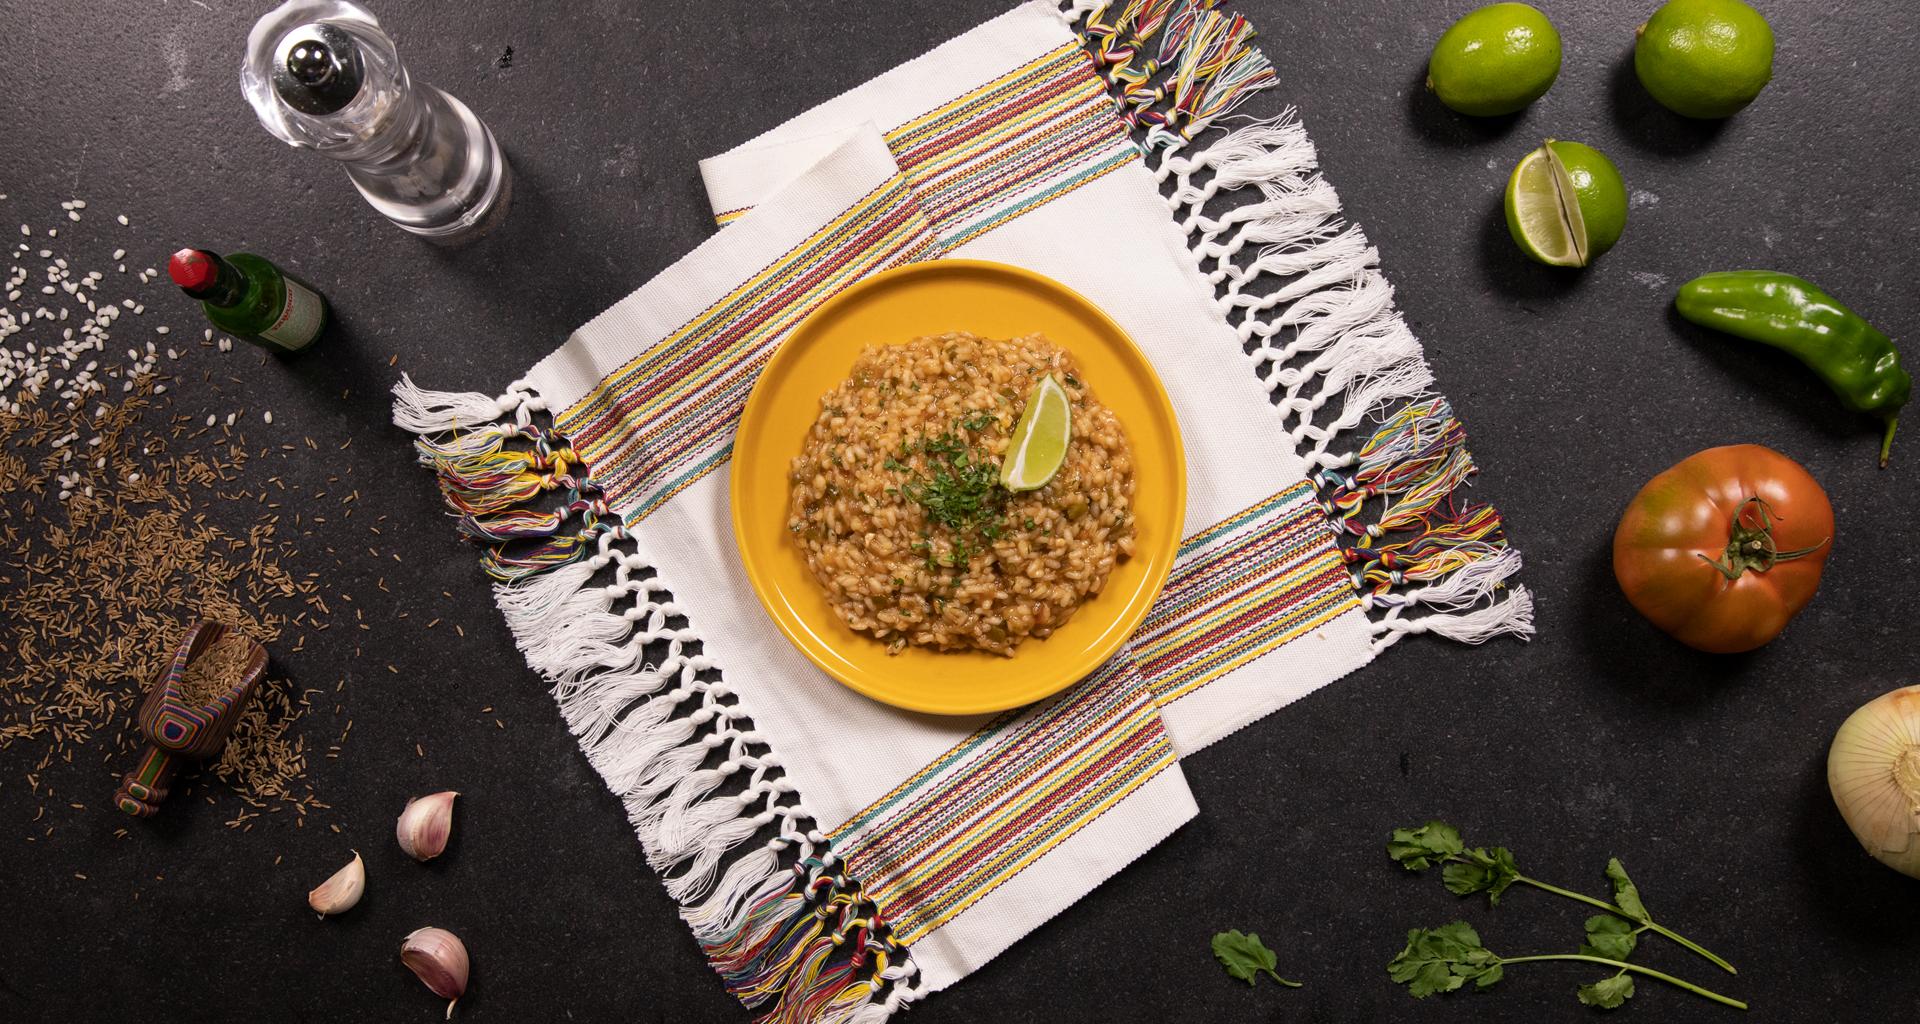 Receta arroz picante estilo mexicano